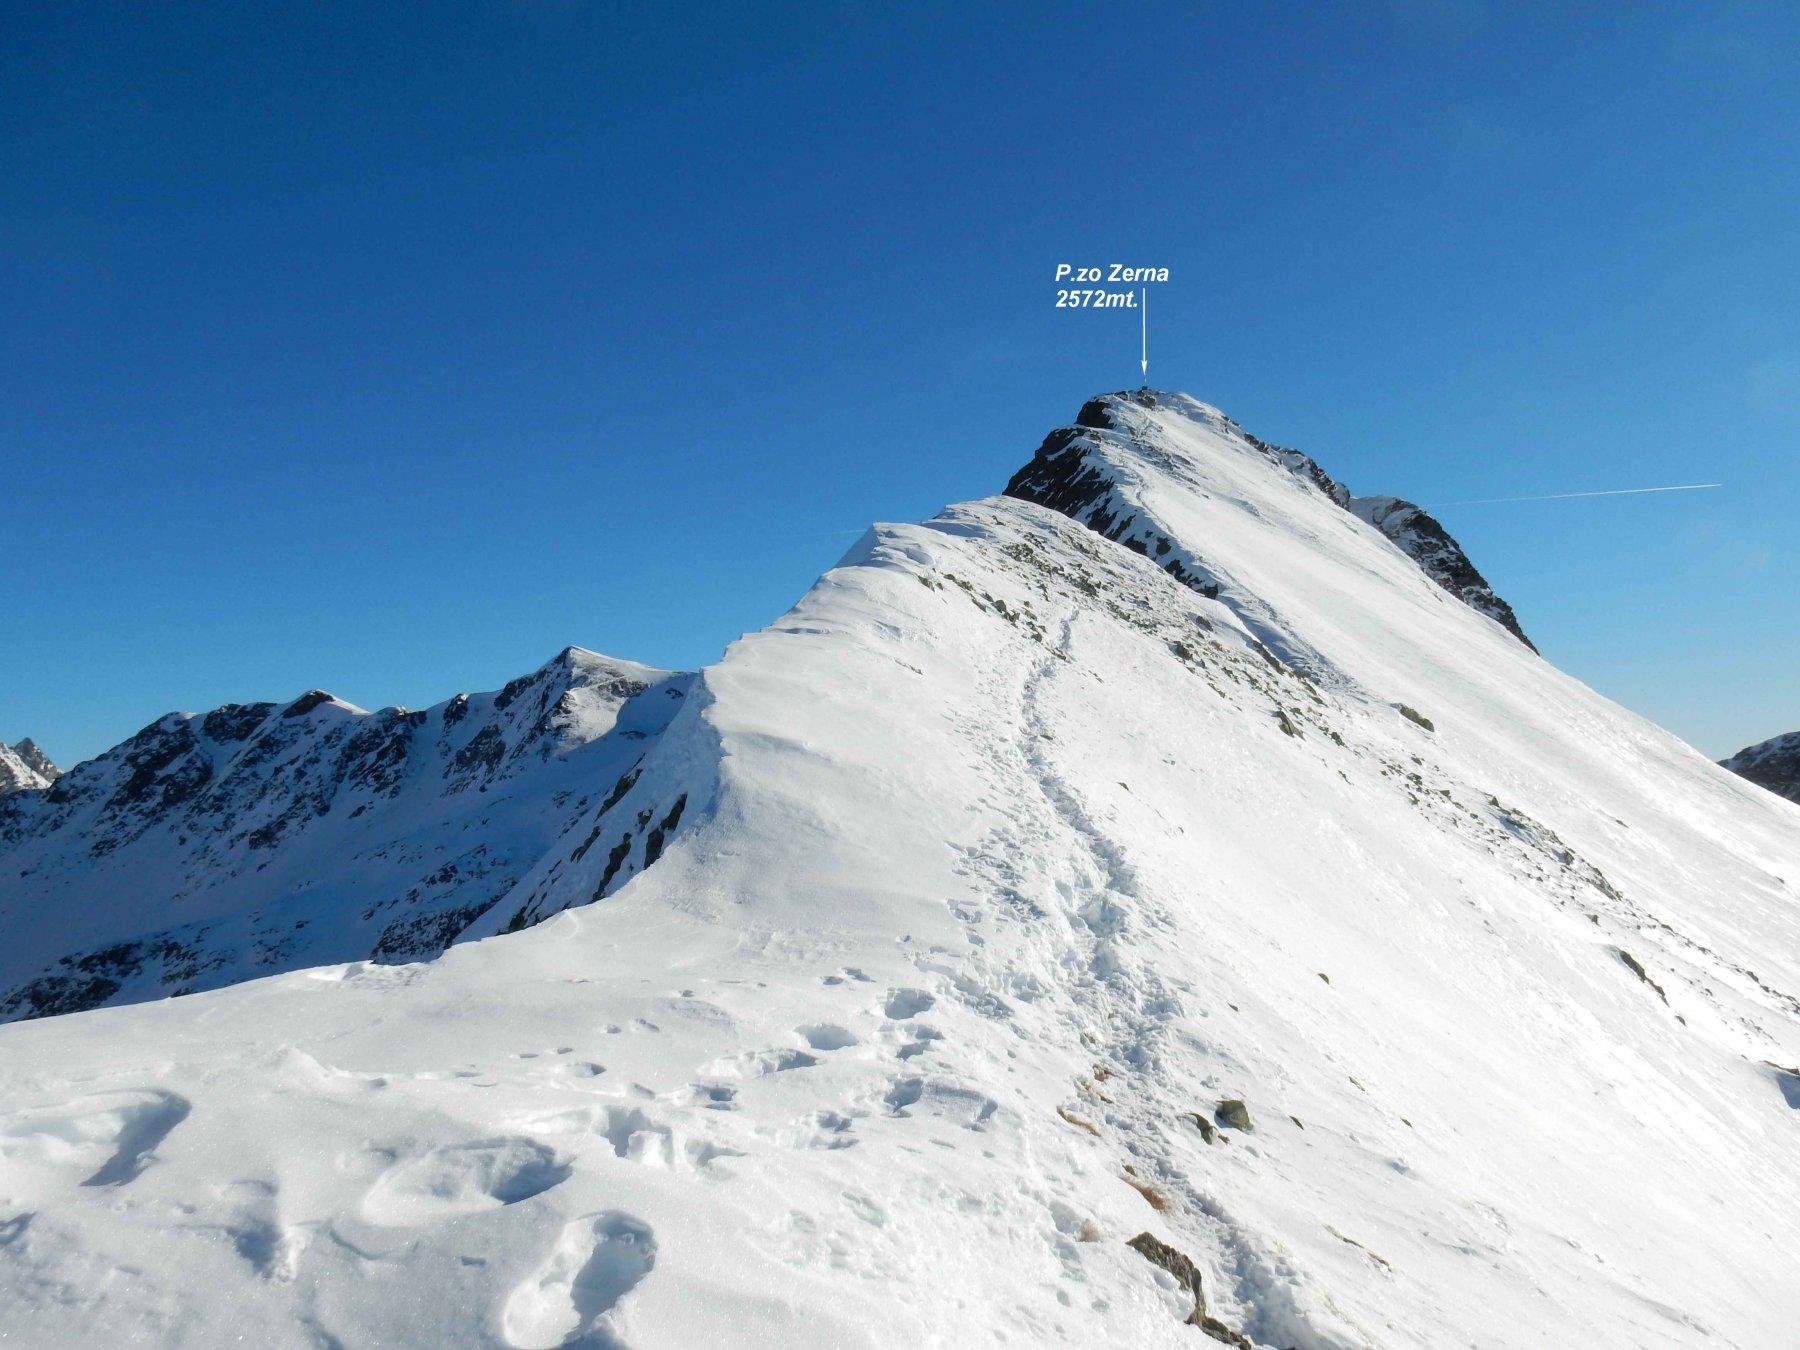 Sulla cresta che porta al P.zo Zerna.